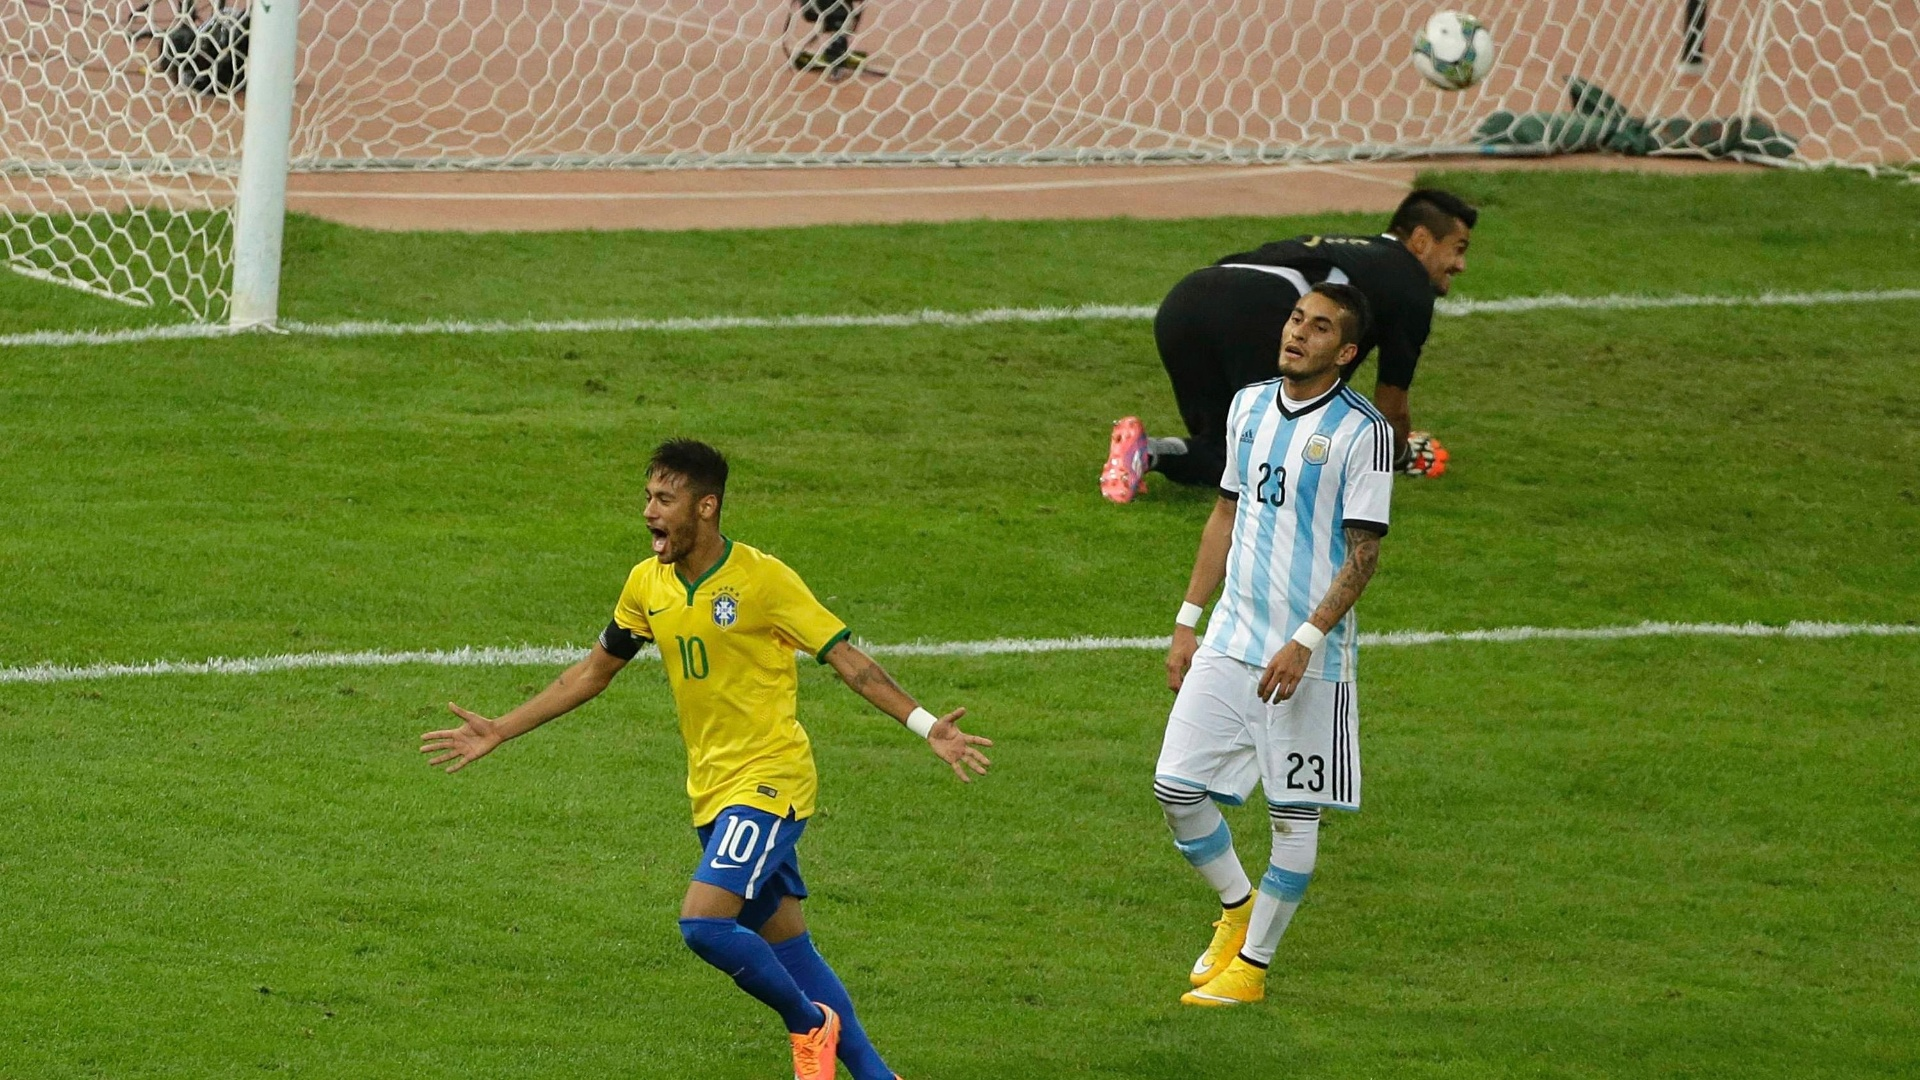 Neymar, craque da seleção brasileira, comemora gol marcado por Diego Tardelli contra a Argentina, no Superclássico das Américas, disputado na China